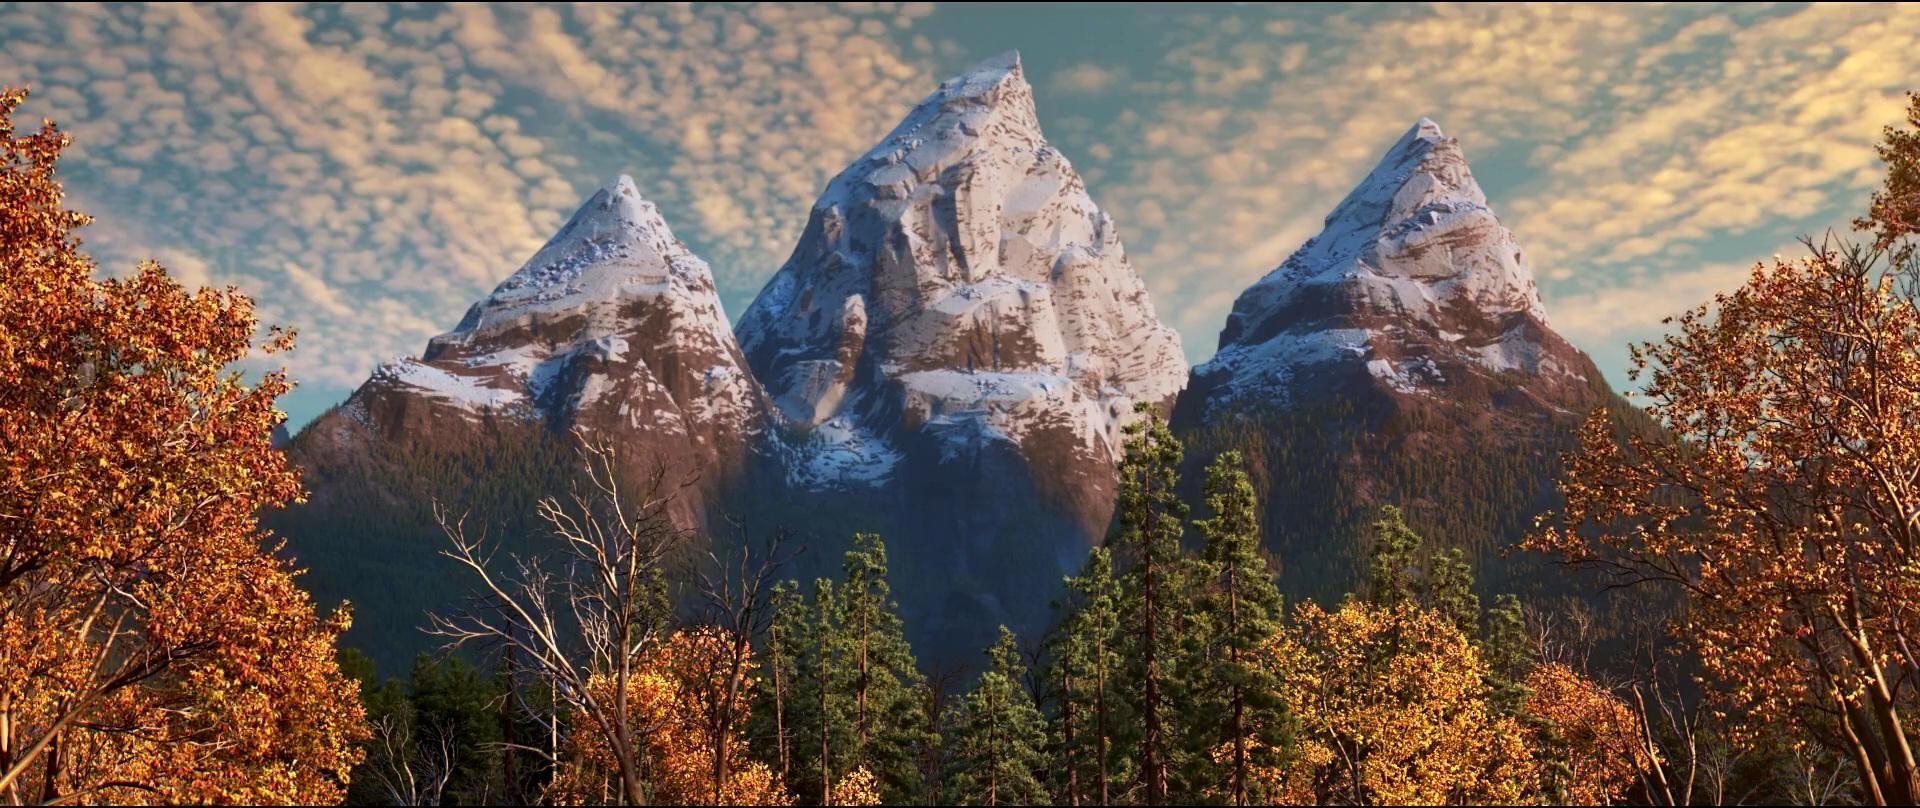 оперы балета гора три медведя фото где находится всегда